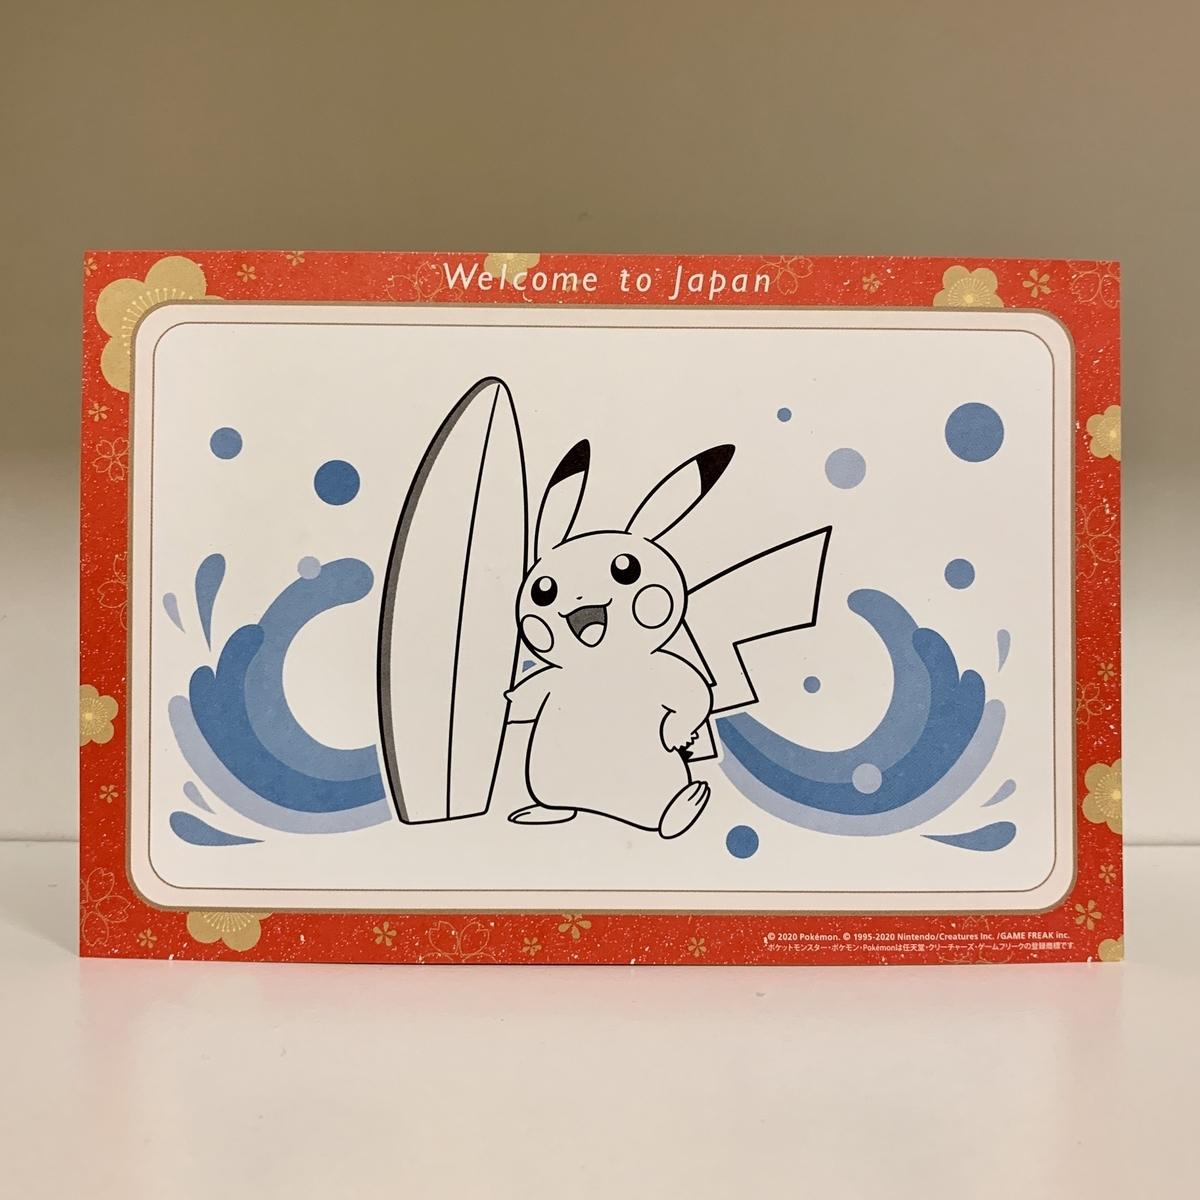 f:id:pikachu_pcn:20200202200135j:plain